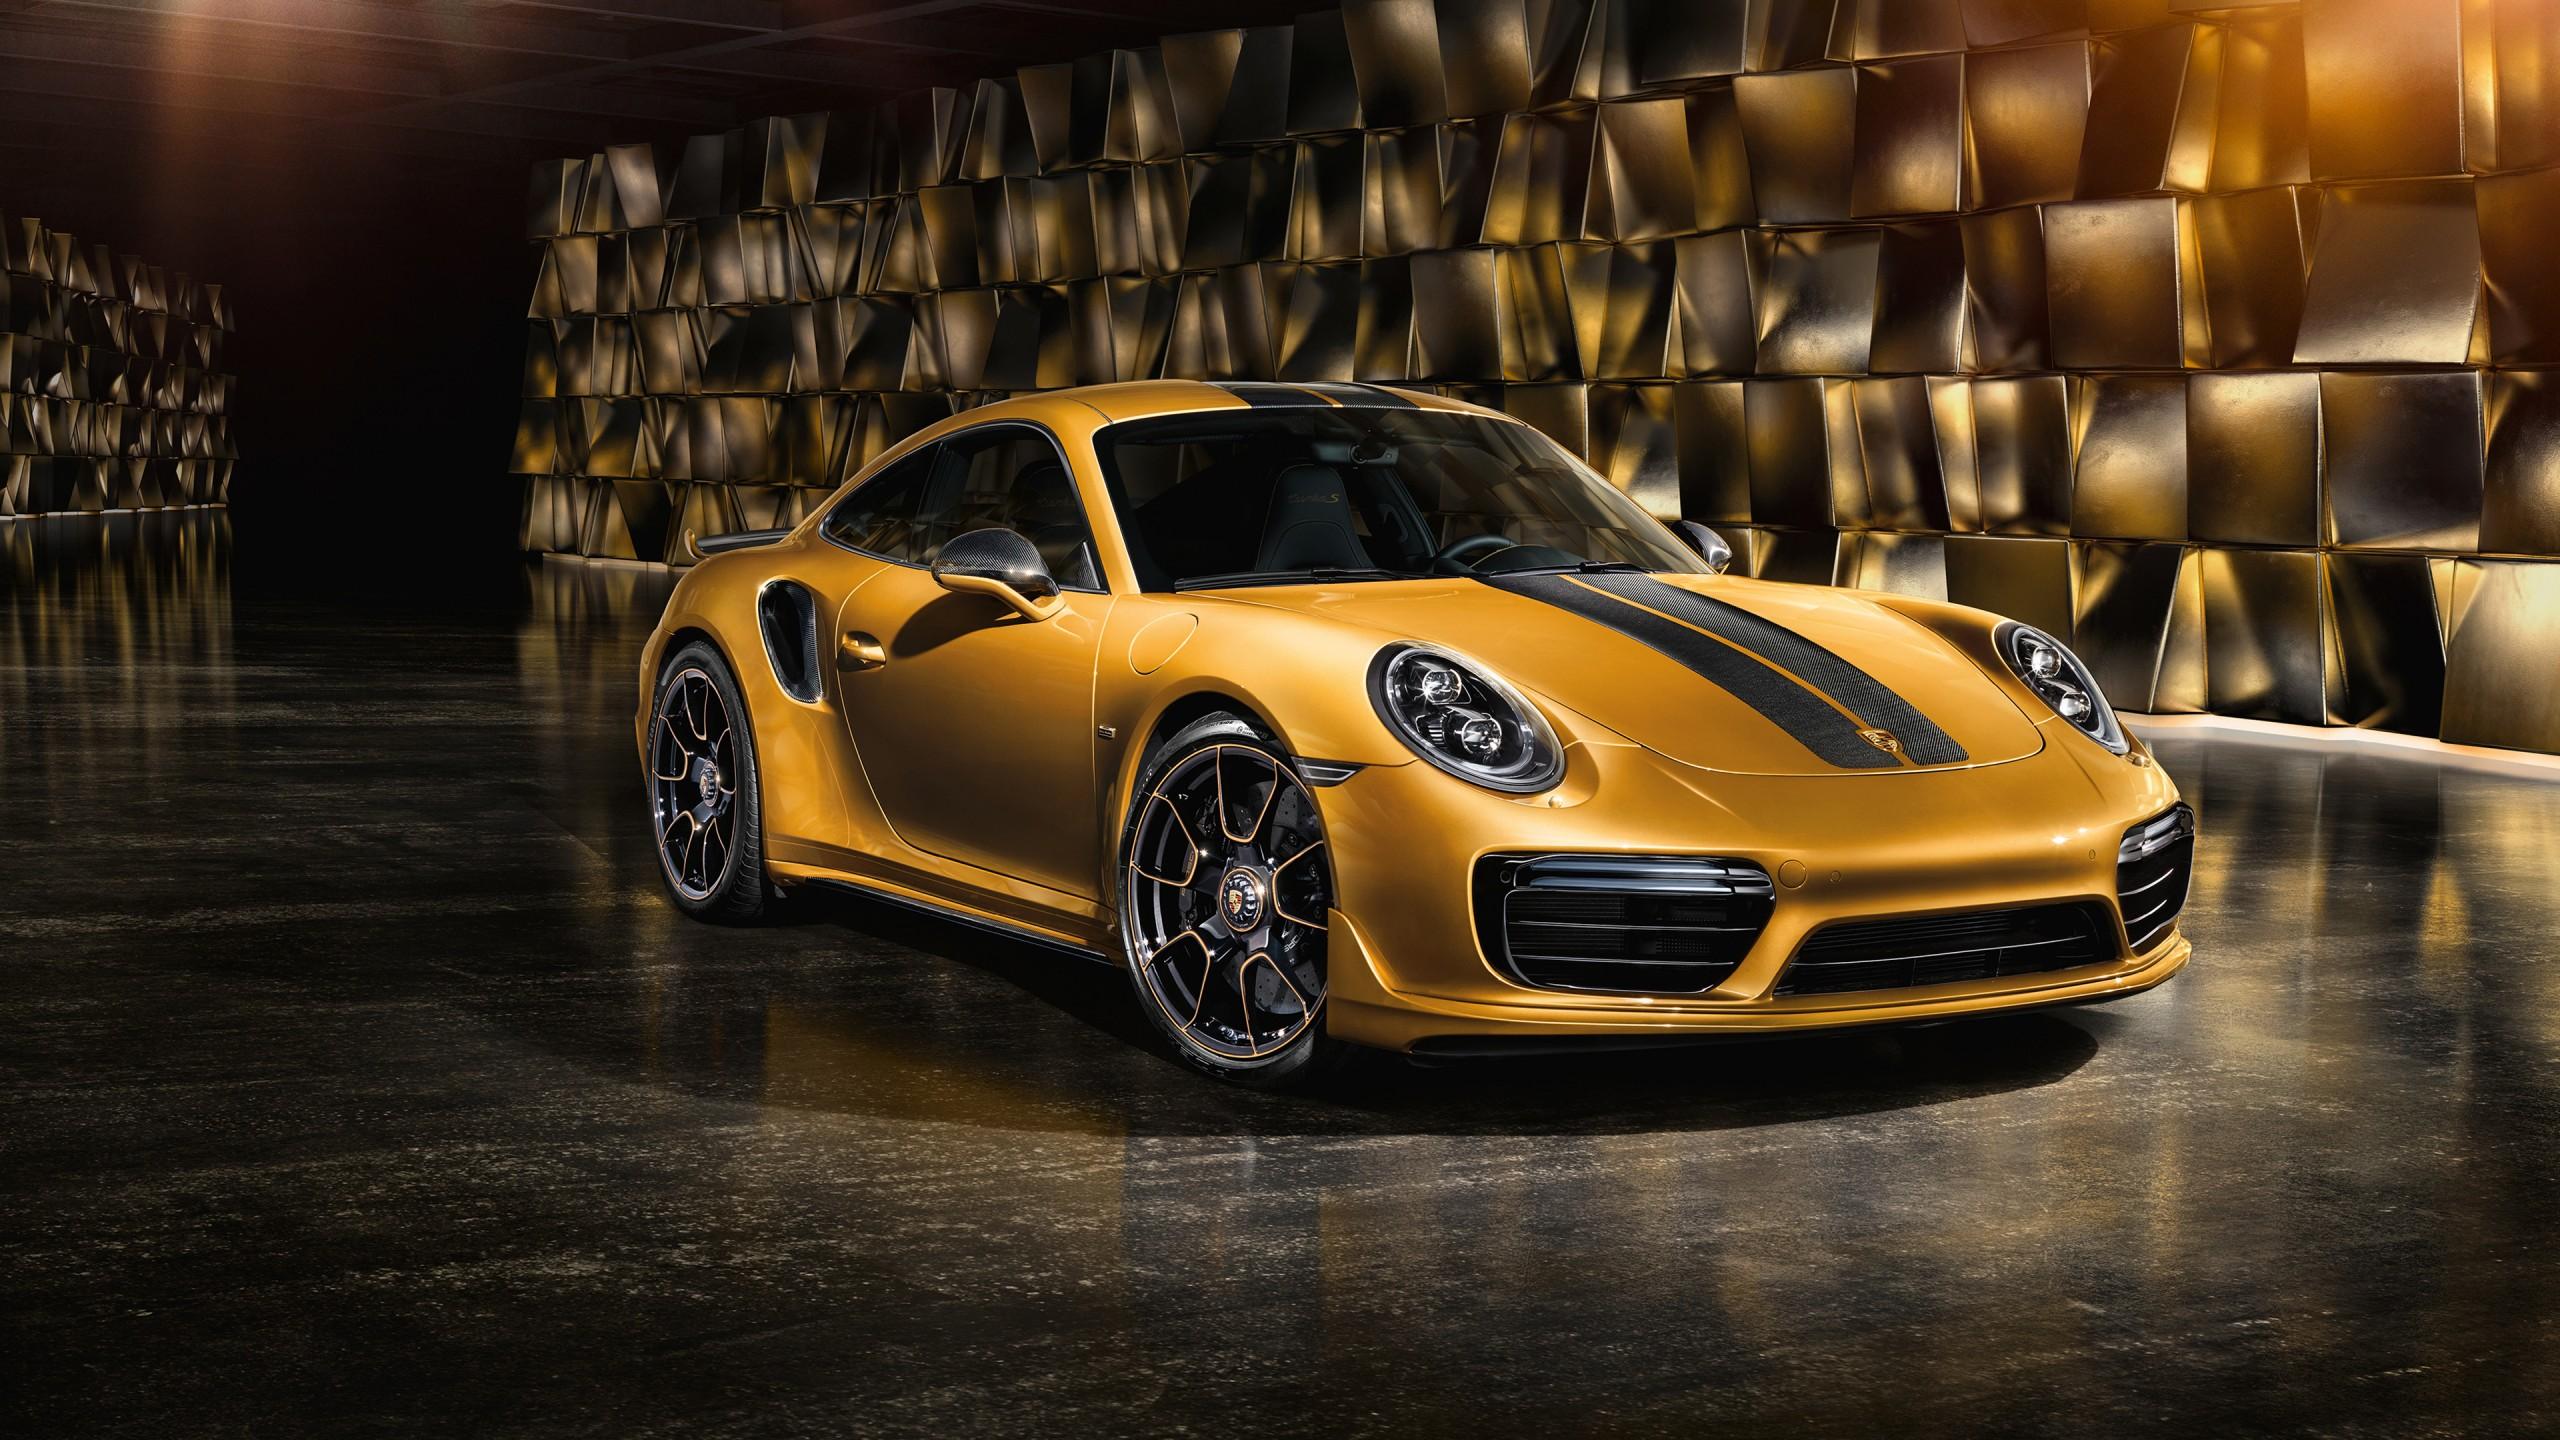 2017 Porsche 911 Turbo S Exclusive Series 4K Wallpapers